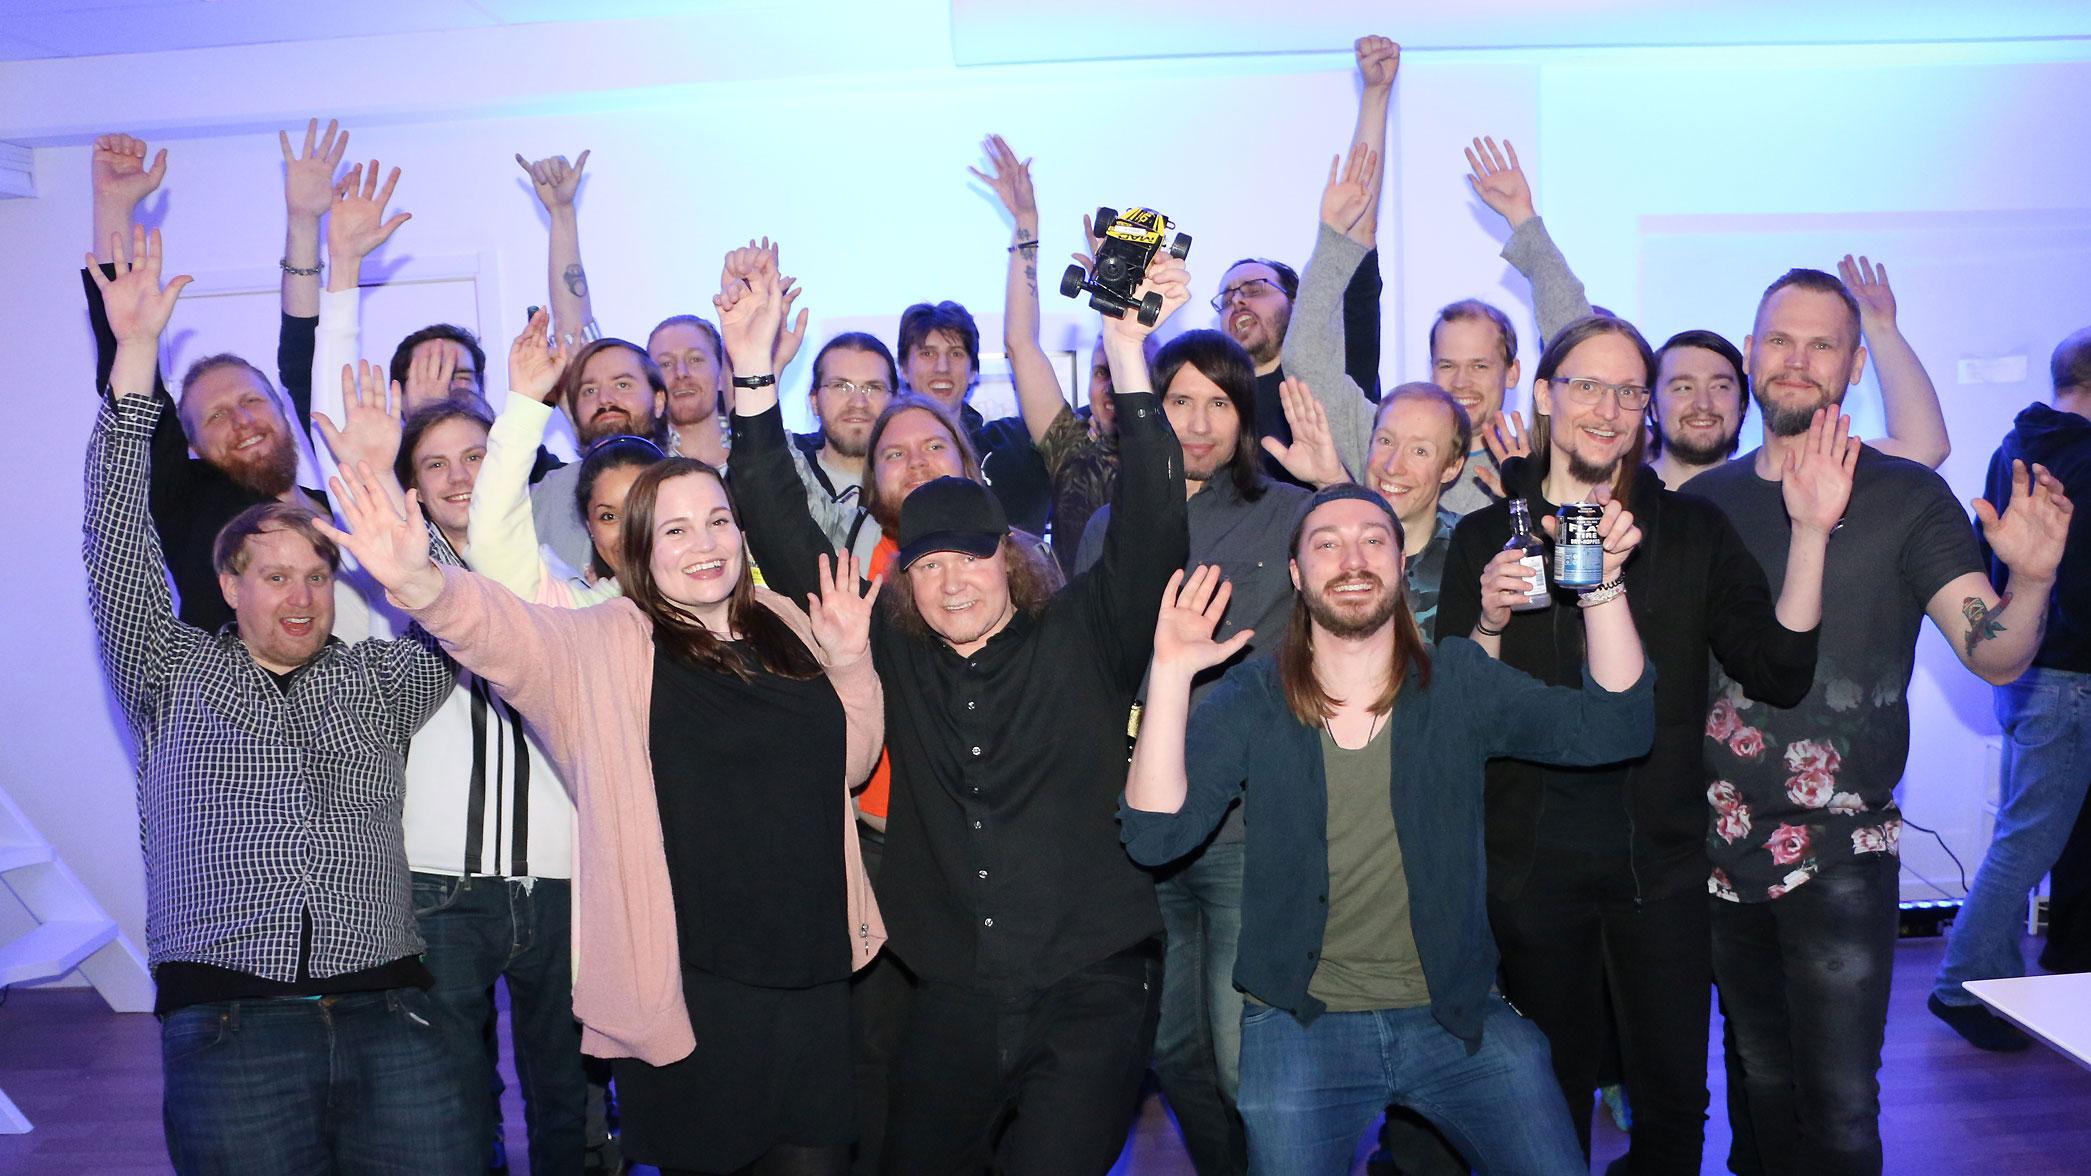 I mars 2020 firade Zordix lanseringen av spelet Overpass, en av flera titlar från gamingbolaget som lanseras internationellt i år. Foto: Mikael Hansson.